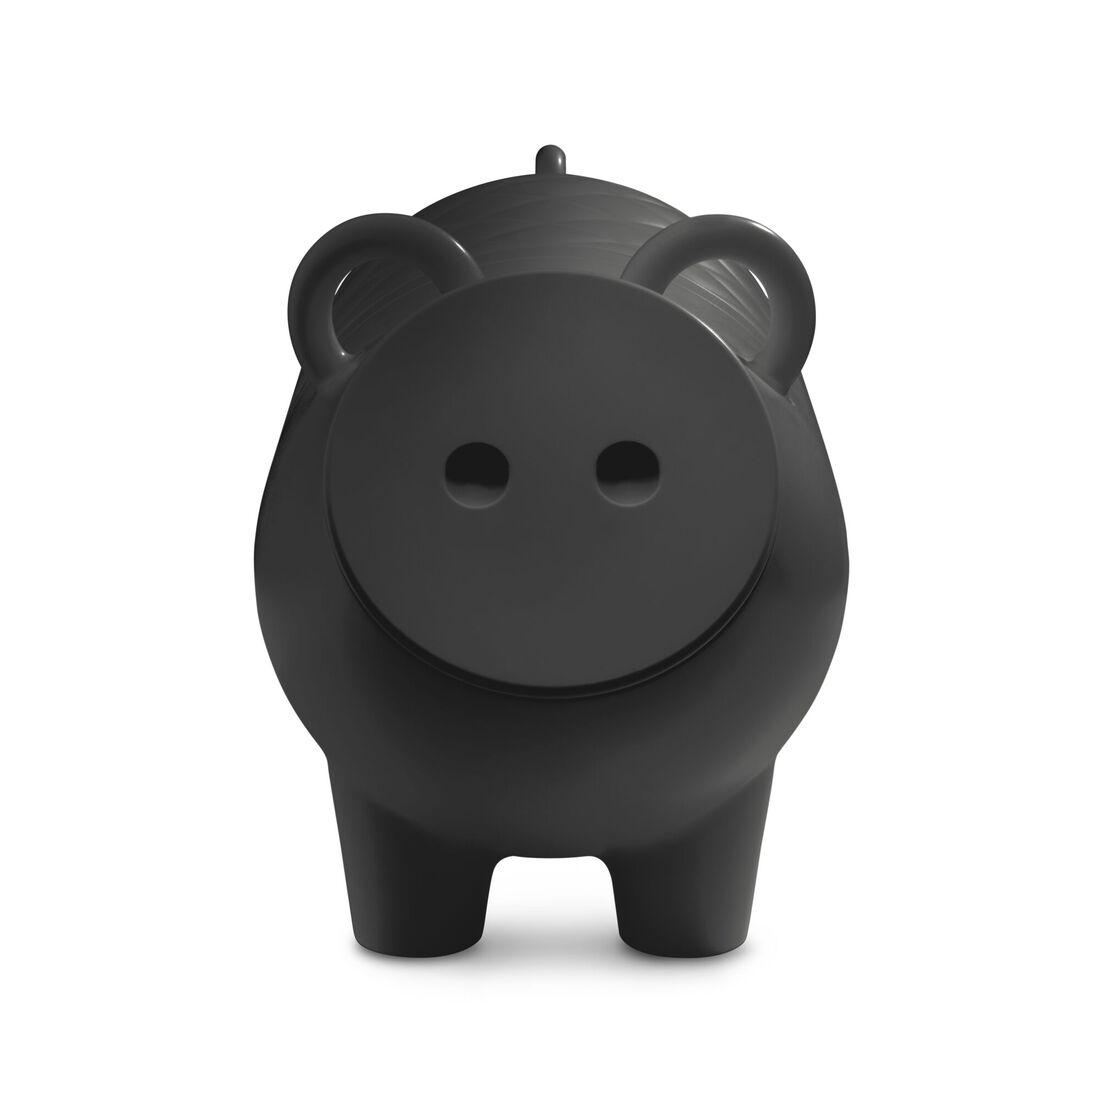 CYBEX Hausschwein - Black in Black large Bild 2